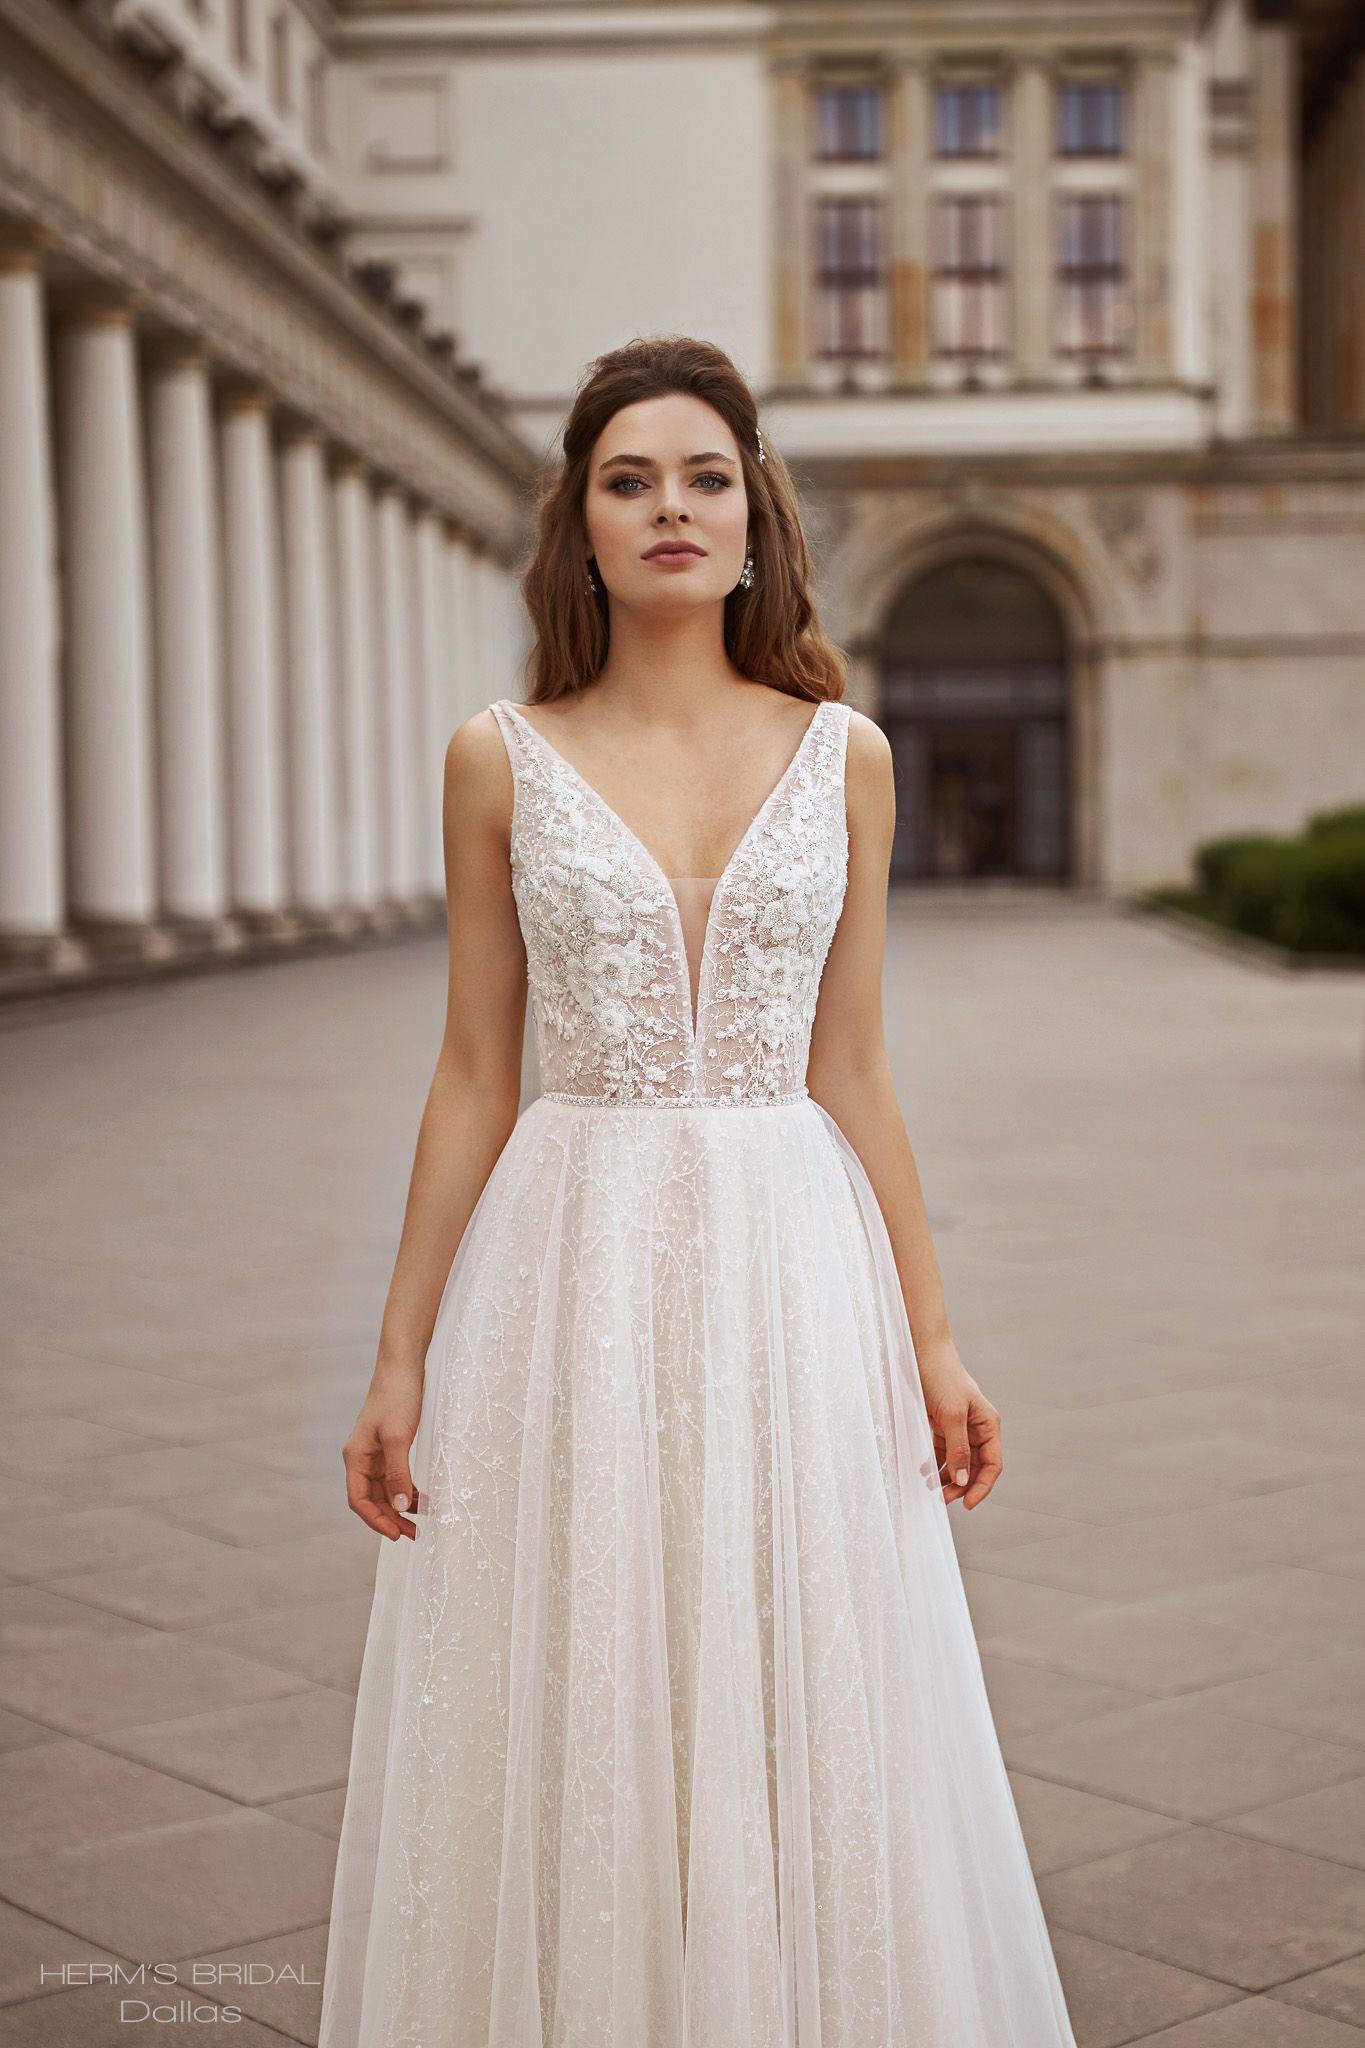 suknia slubna herms bridal Dallas 4